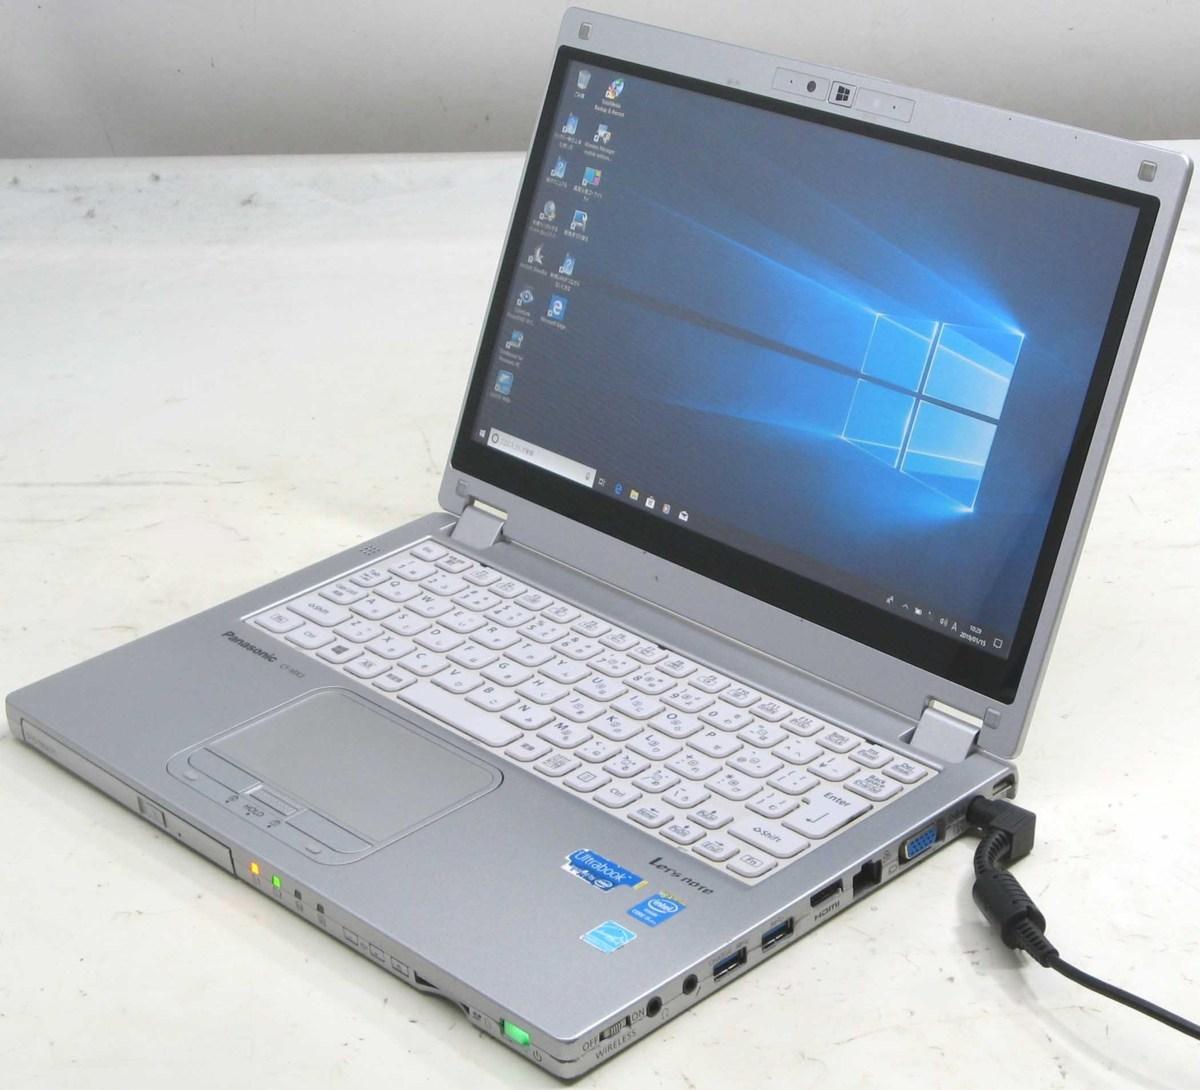 中古ノートパソコン Panasonic CF-MX3GDCCS パナソニック レッツノート Windows10 Corei5 メモリ4GB SSD128GB 12.5インチ HDMI 無線 Bluetooth Webカメラ 中古パソコン 中古PC